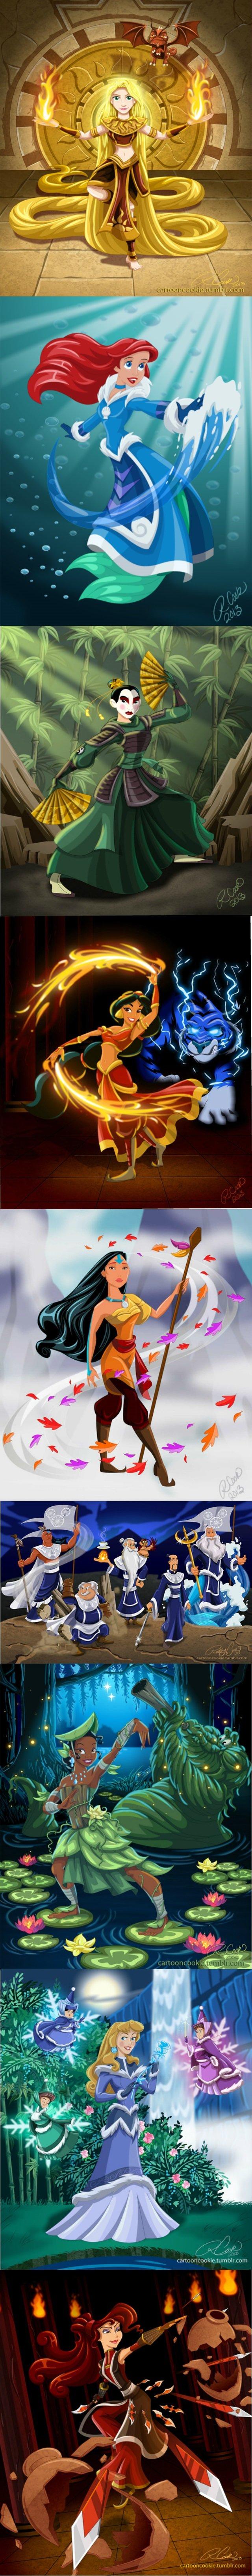 Disney Benders. .. rapunzel is the last hair bender.